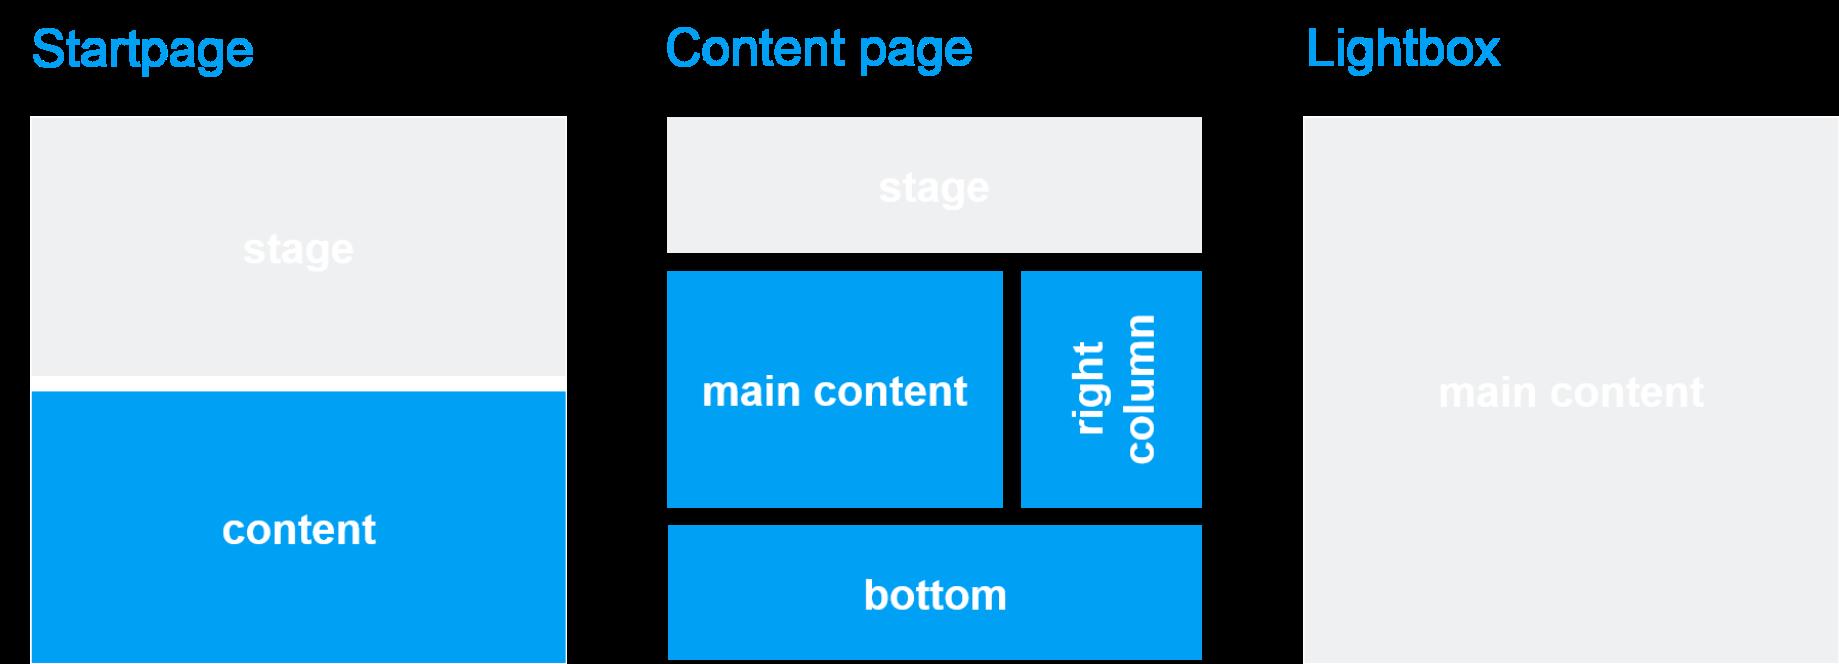 Template und Seitenbereich: Image Teaser